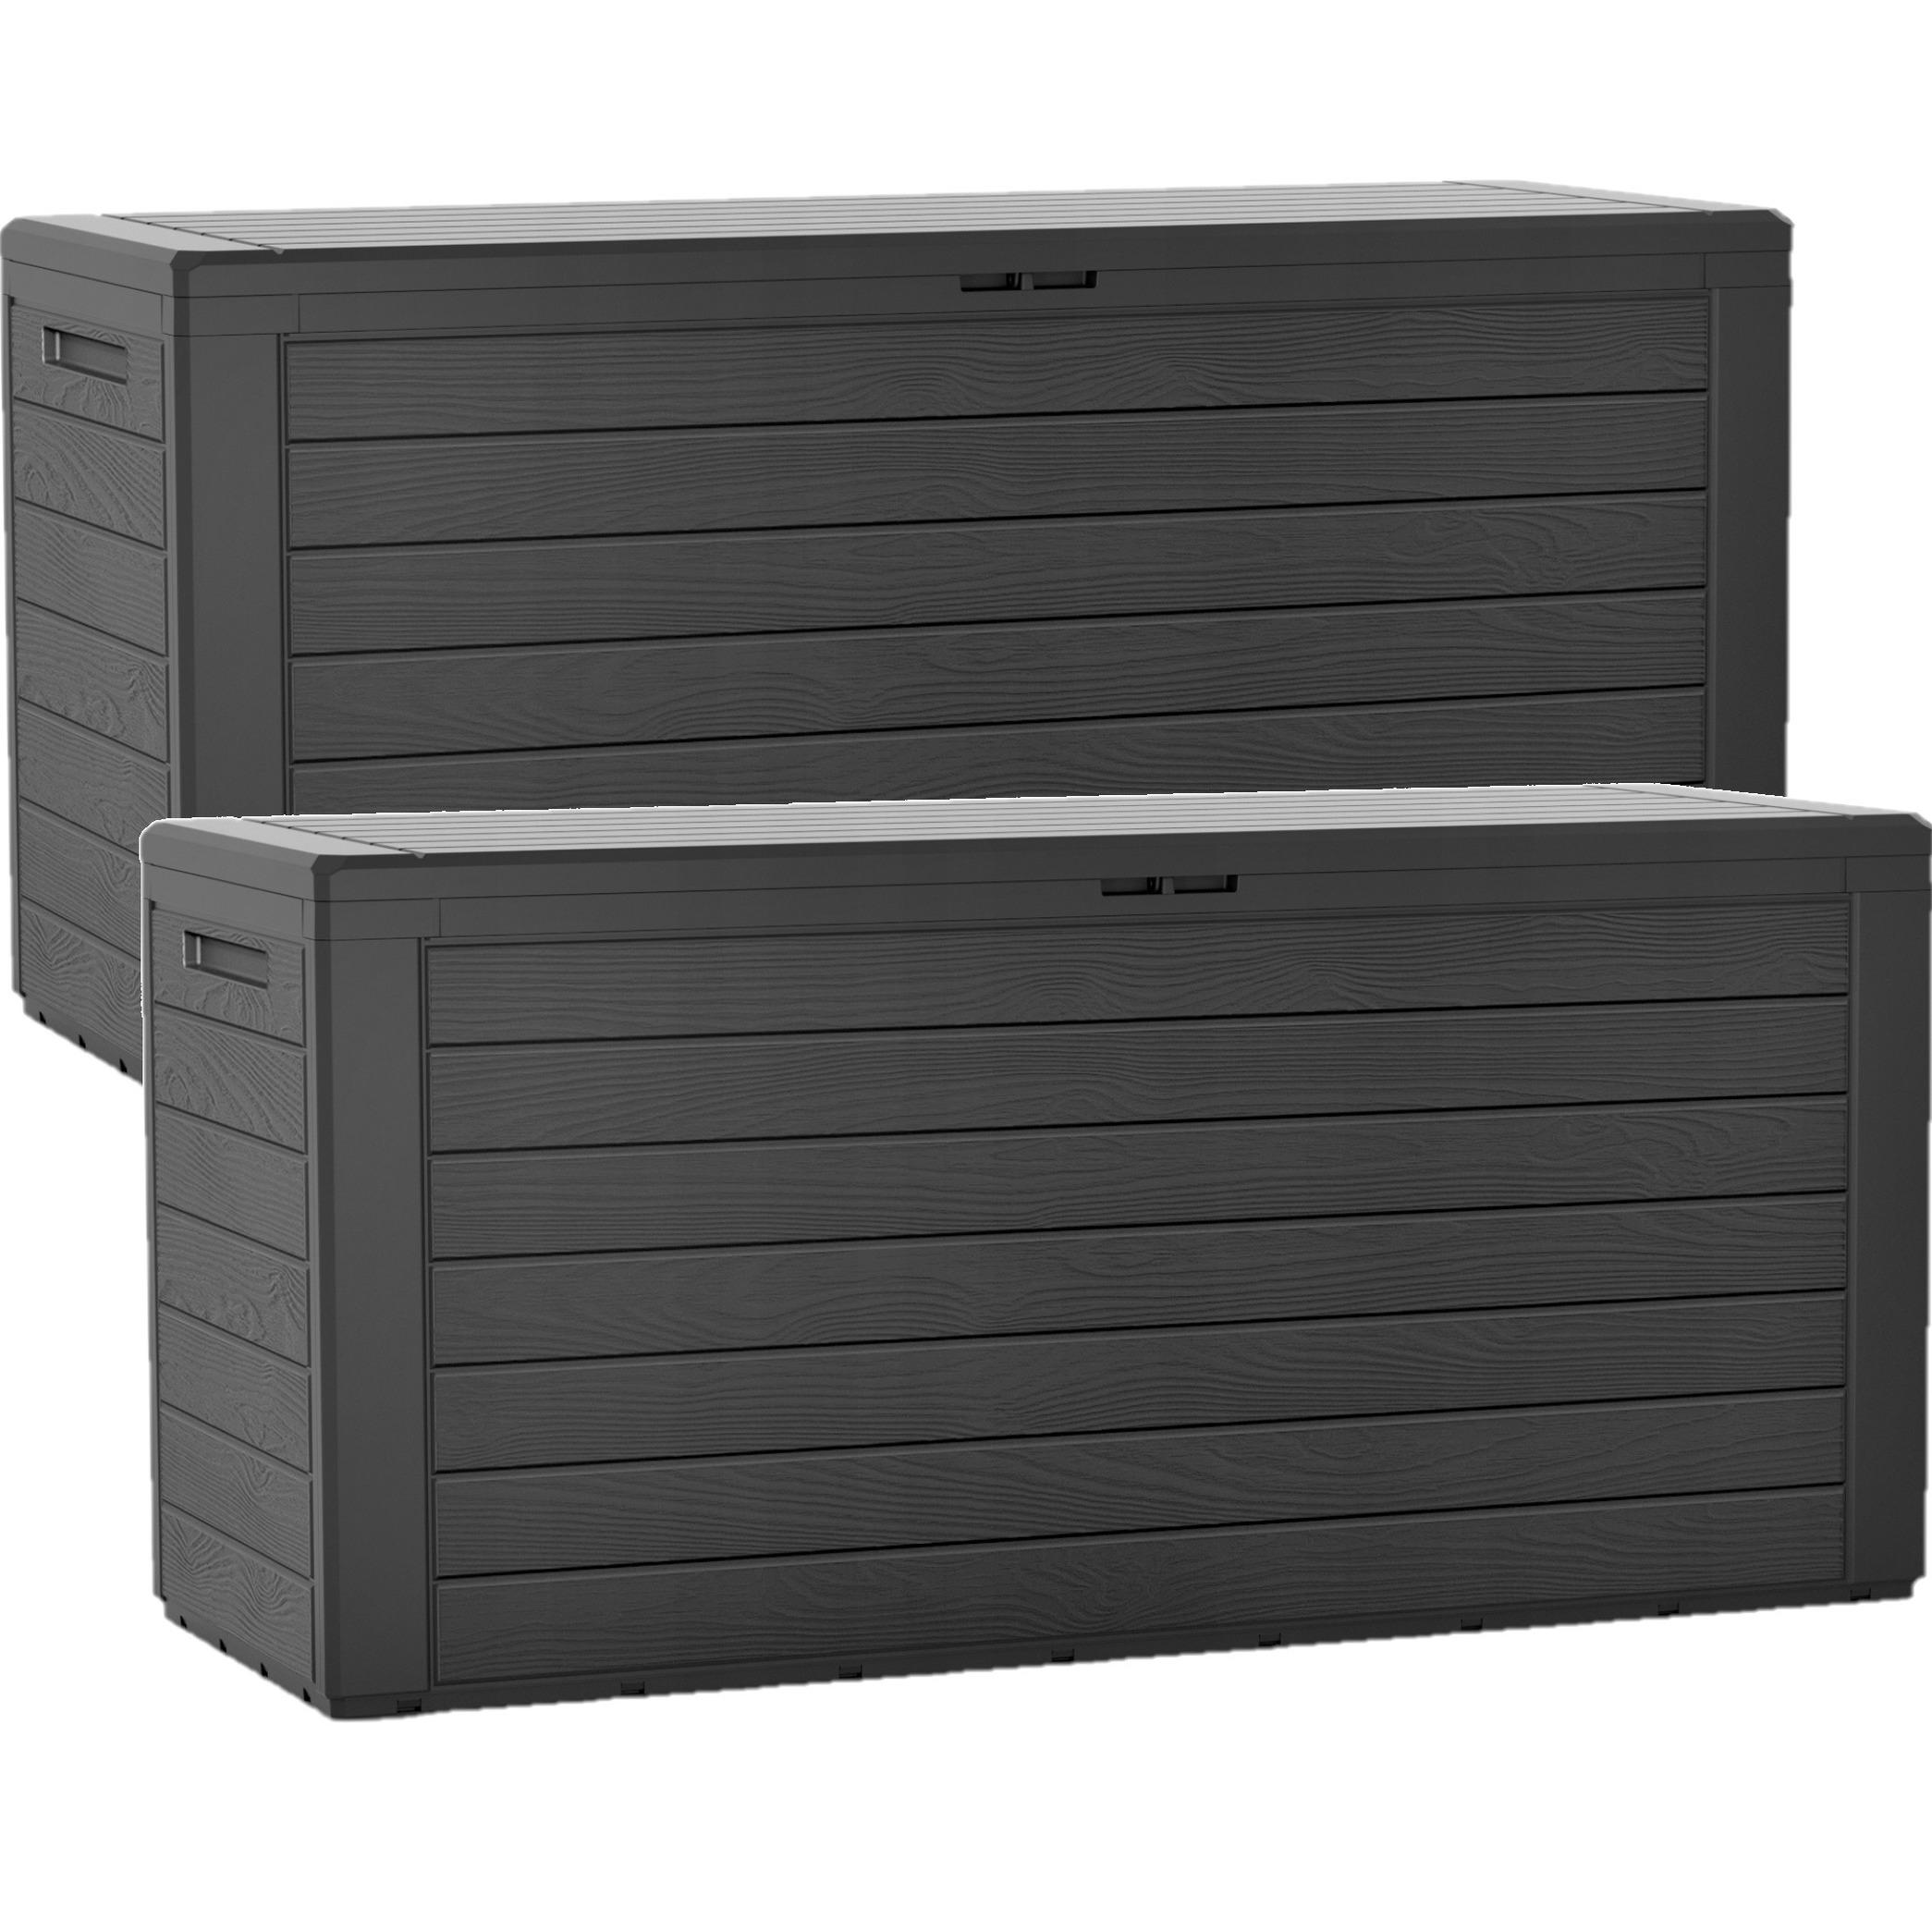 2x stuks antraciet tuinkussen box hout motief 280 liter